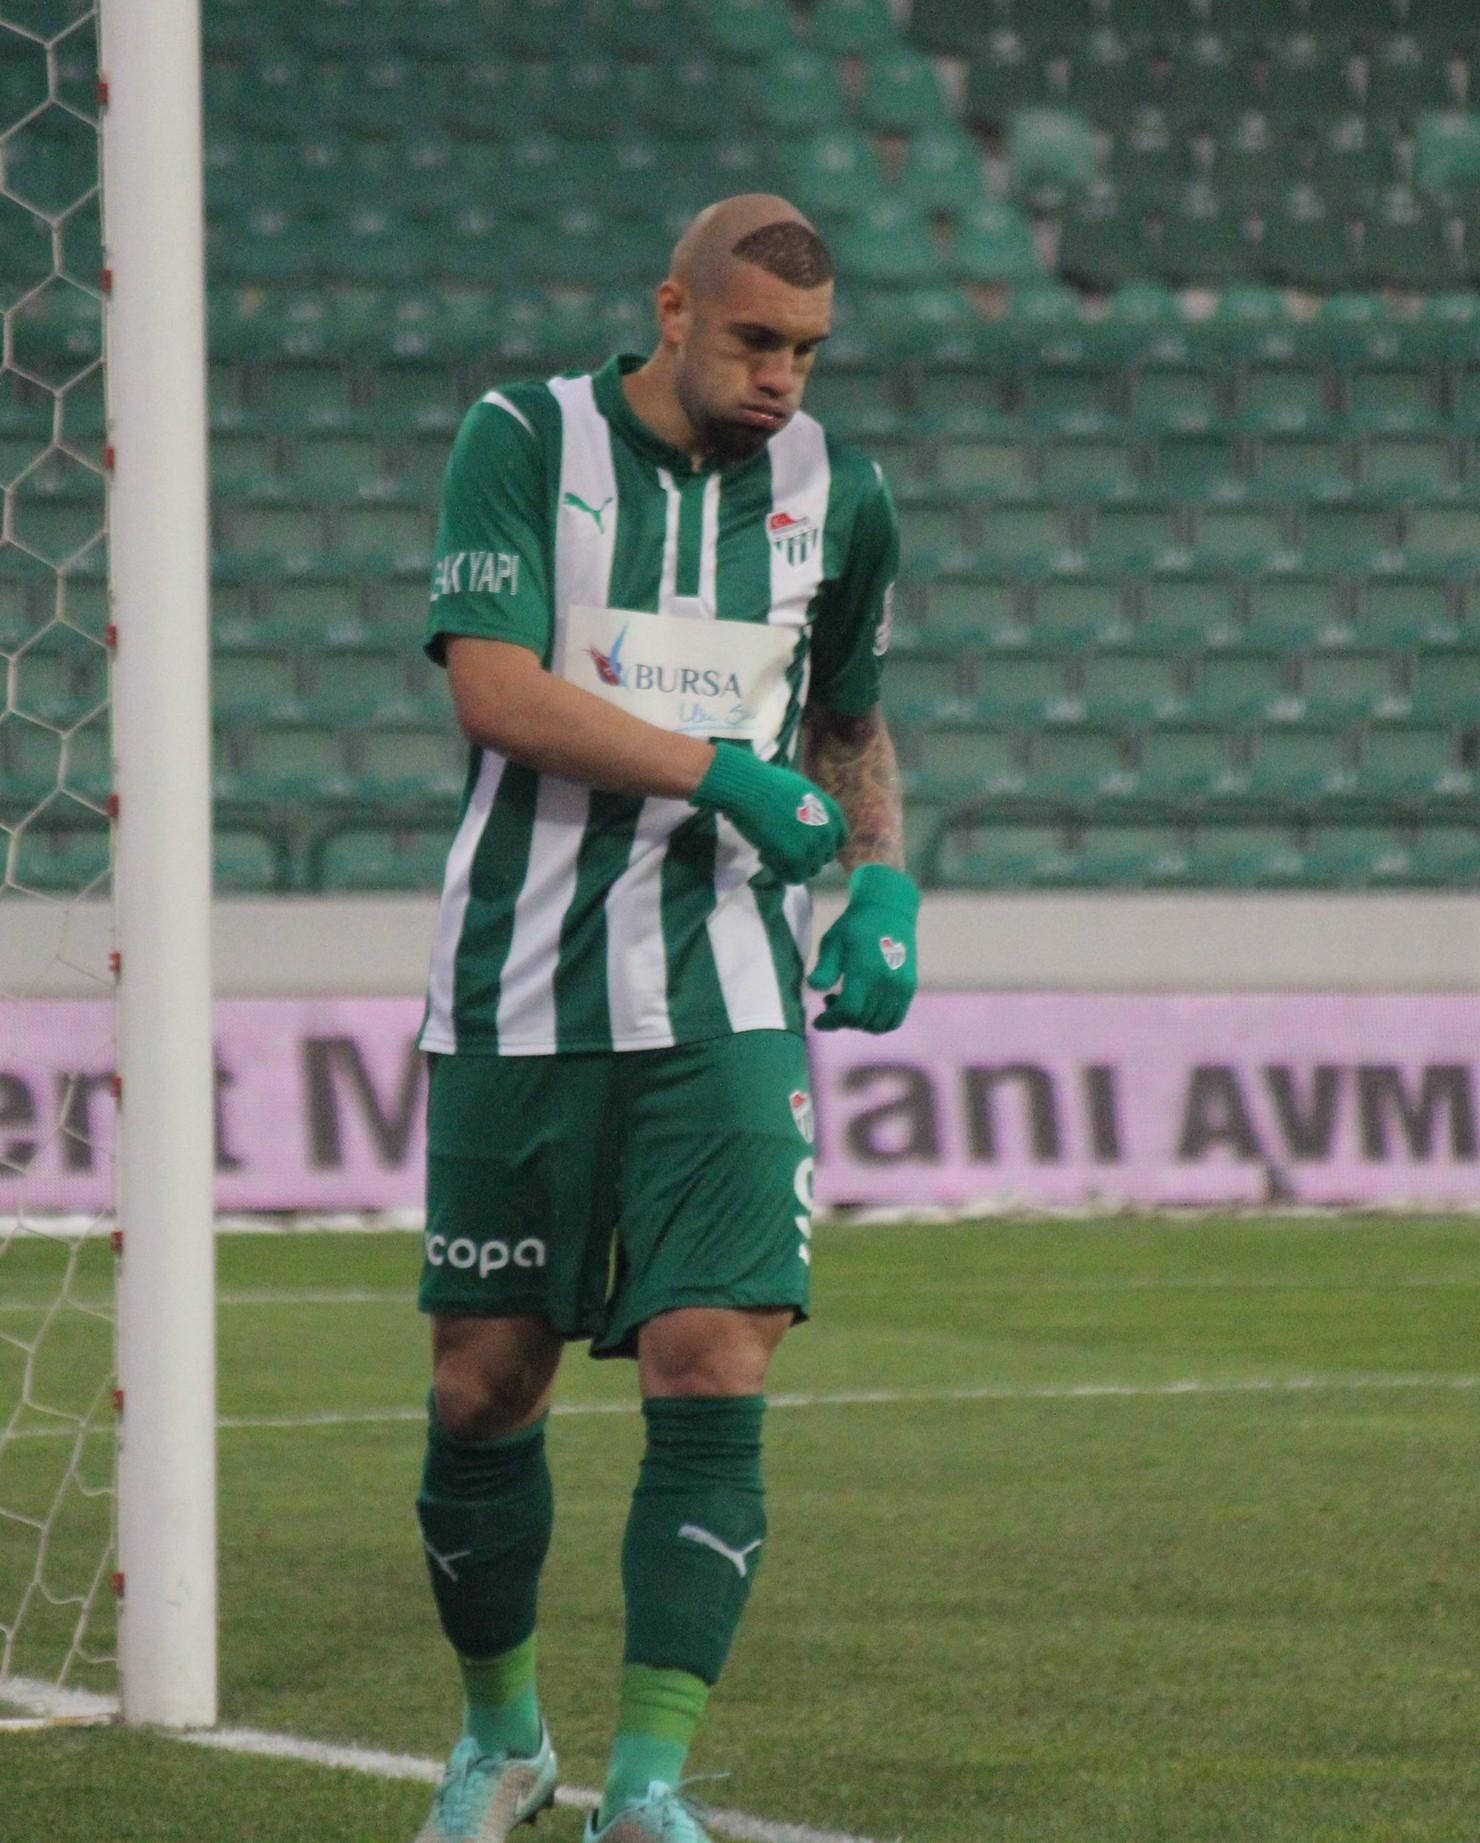 Bursaspor 3-1 Akhisar Belediyespor 8